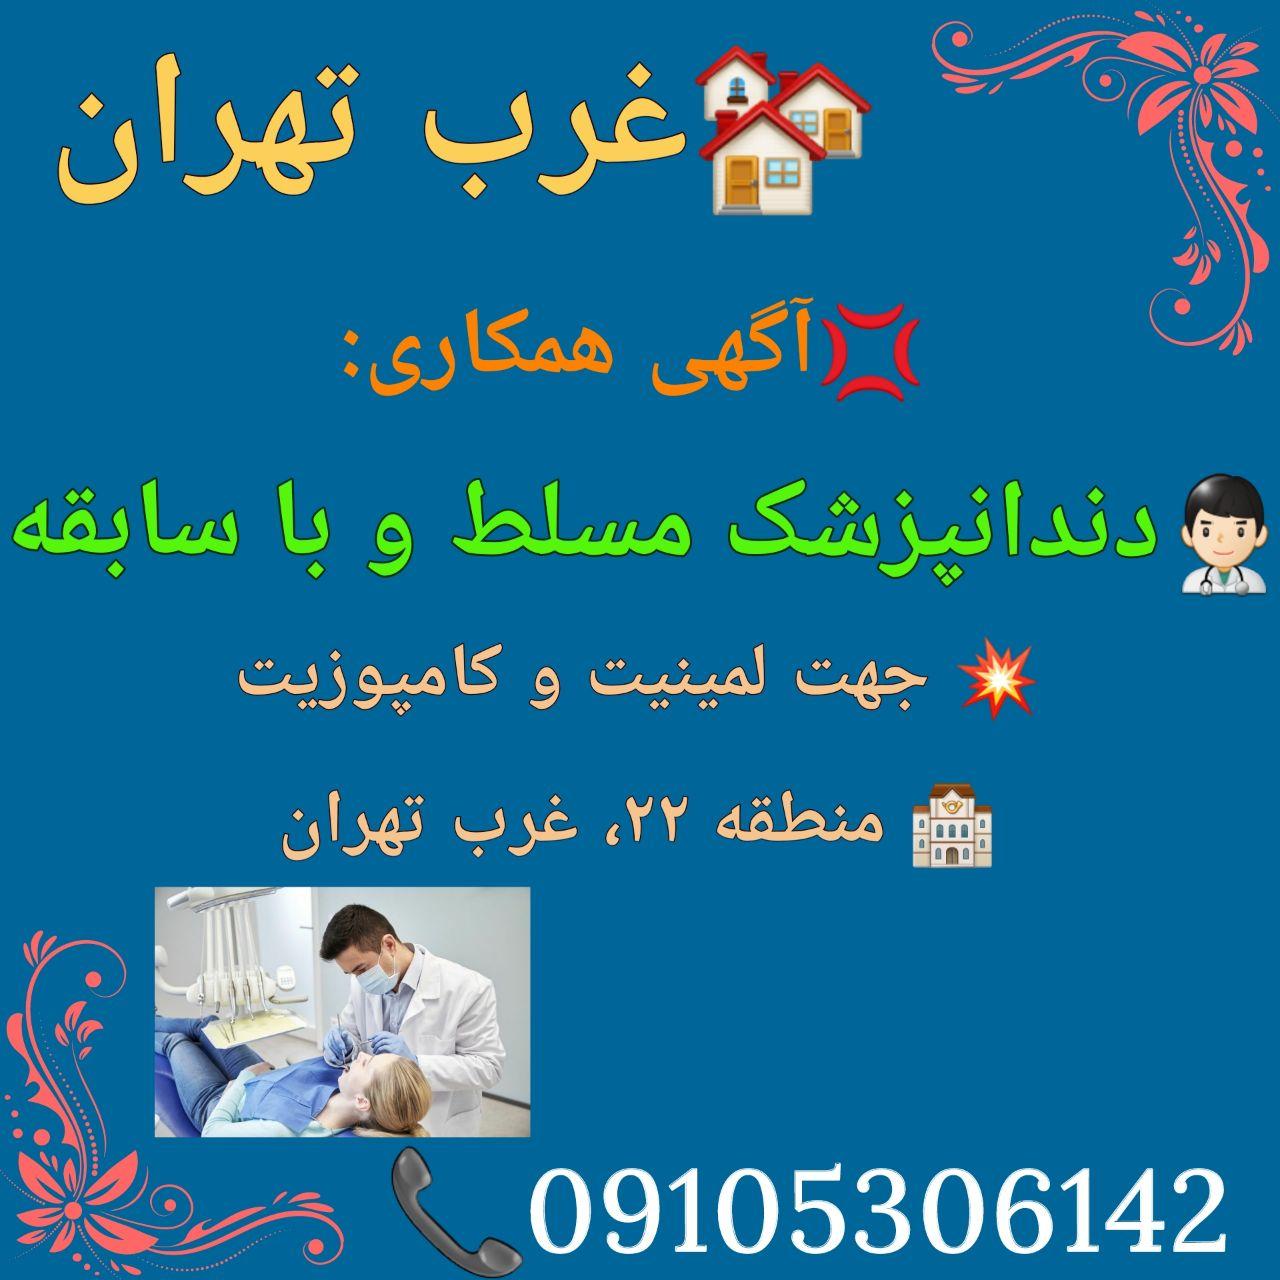 غرب تهران: نیاز به دندانپزشک مسلط و با سابقه